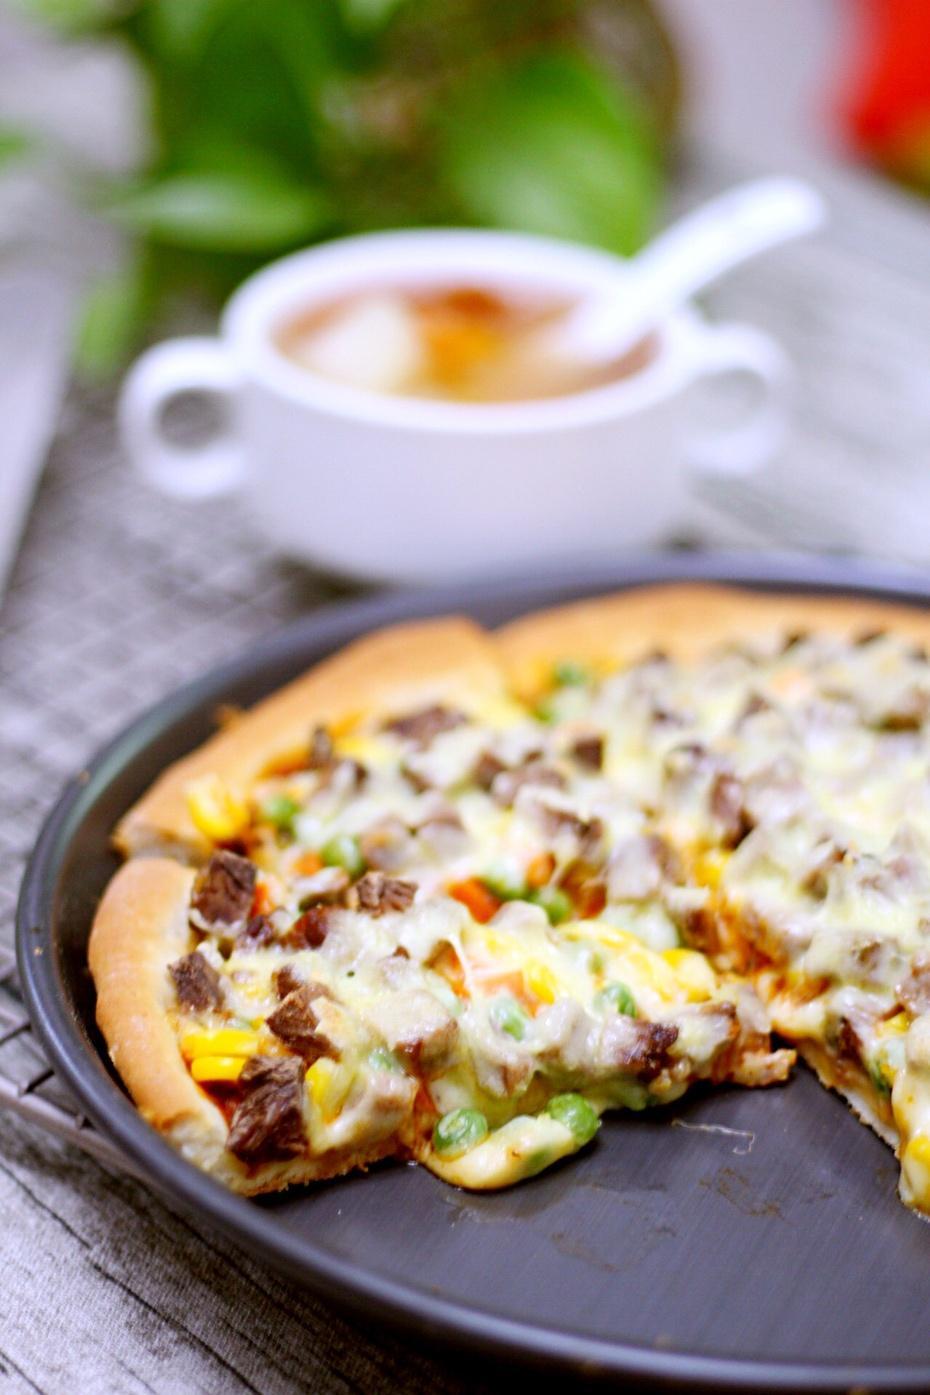 教你如何在家做好吃又简单的披萨饼,让你爱上这个味道!